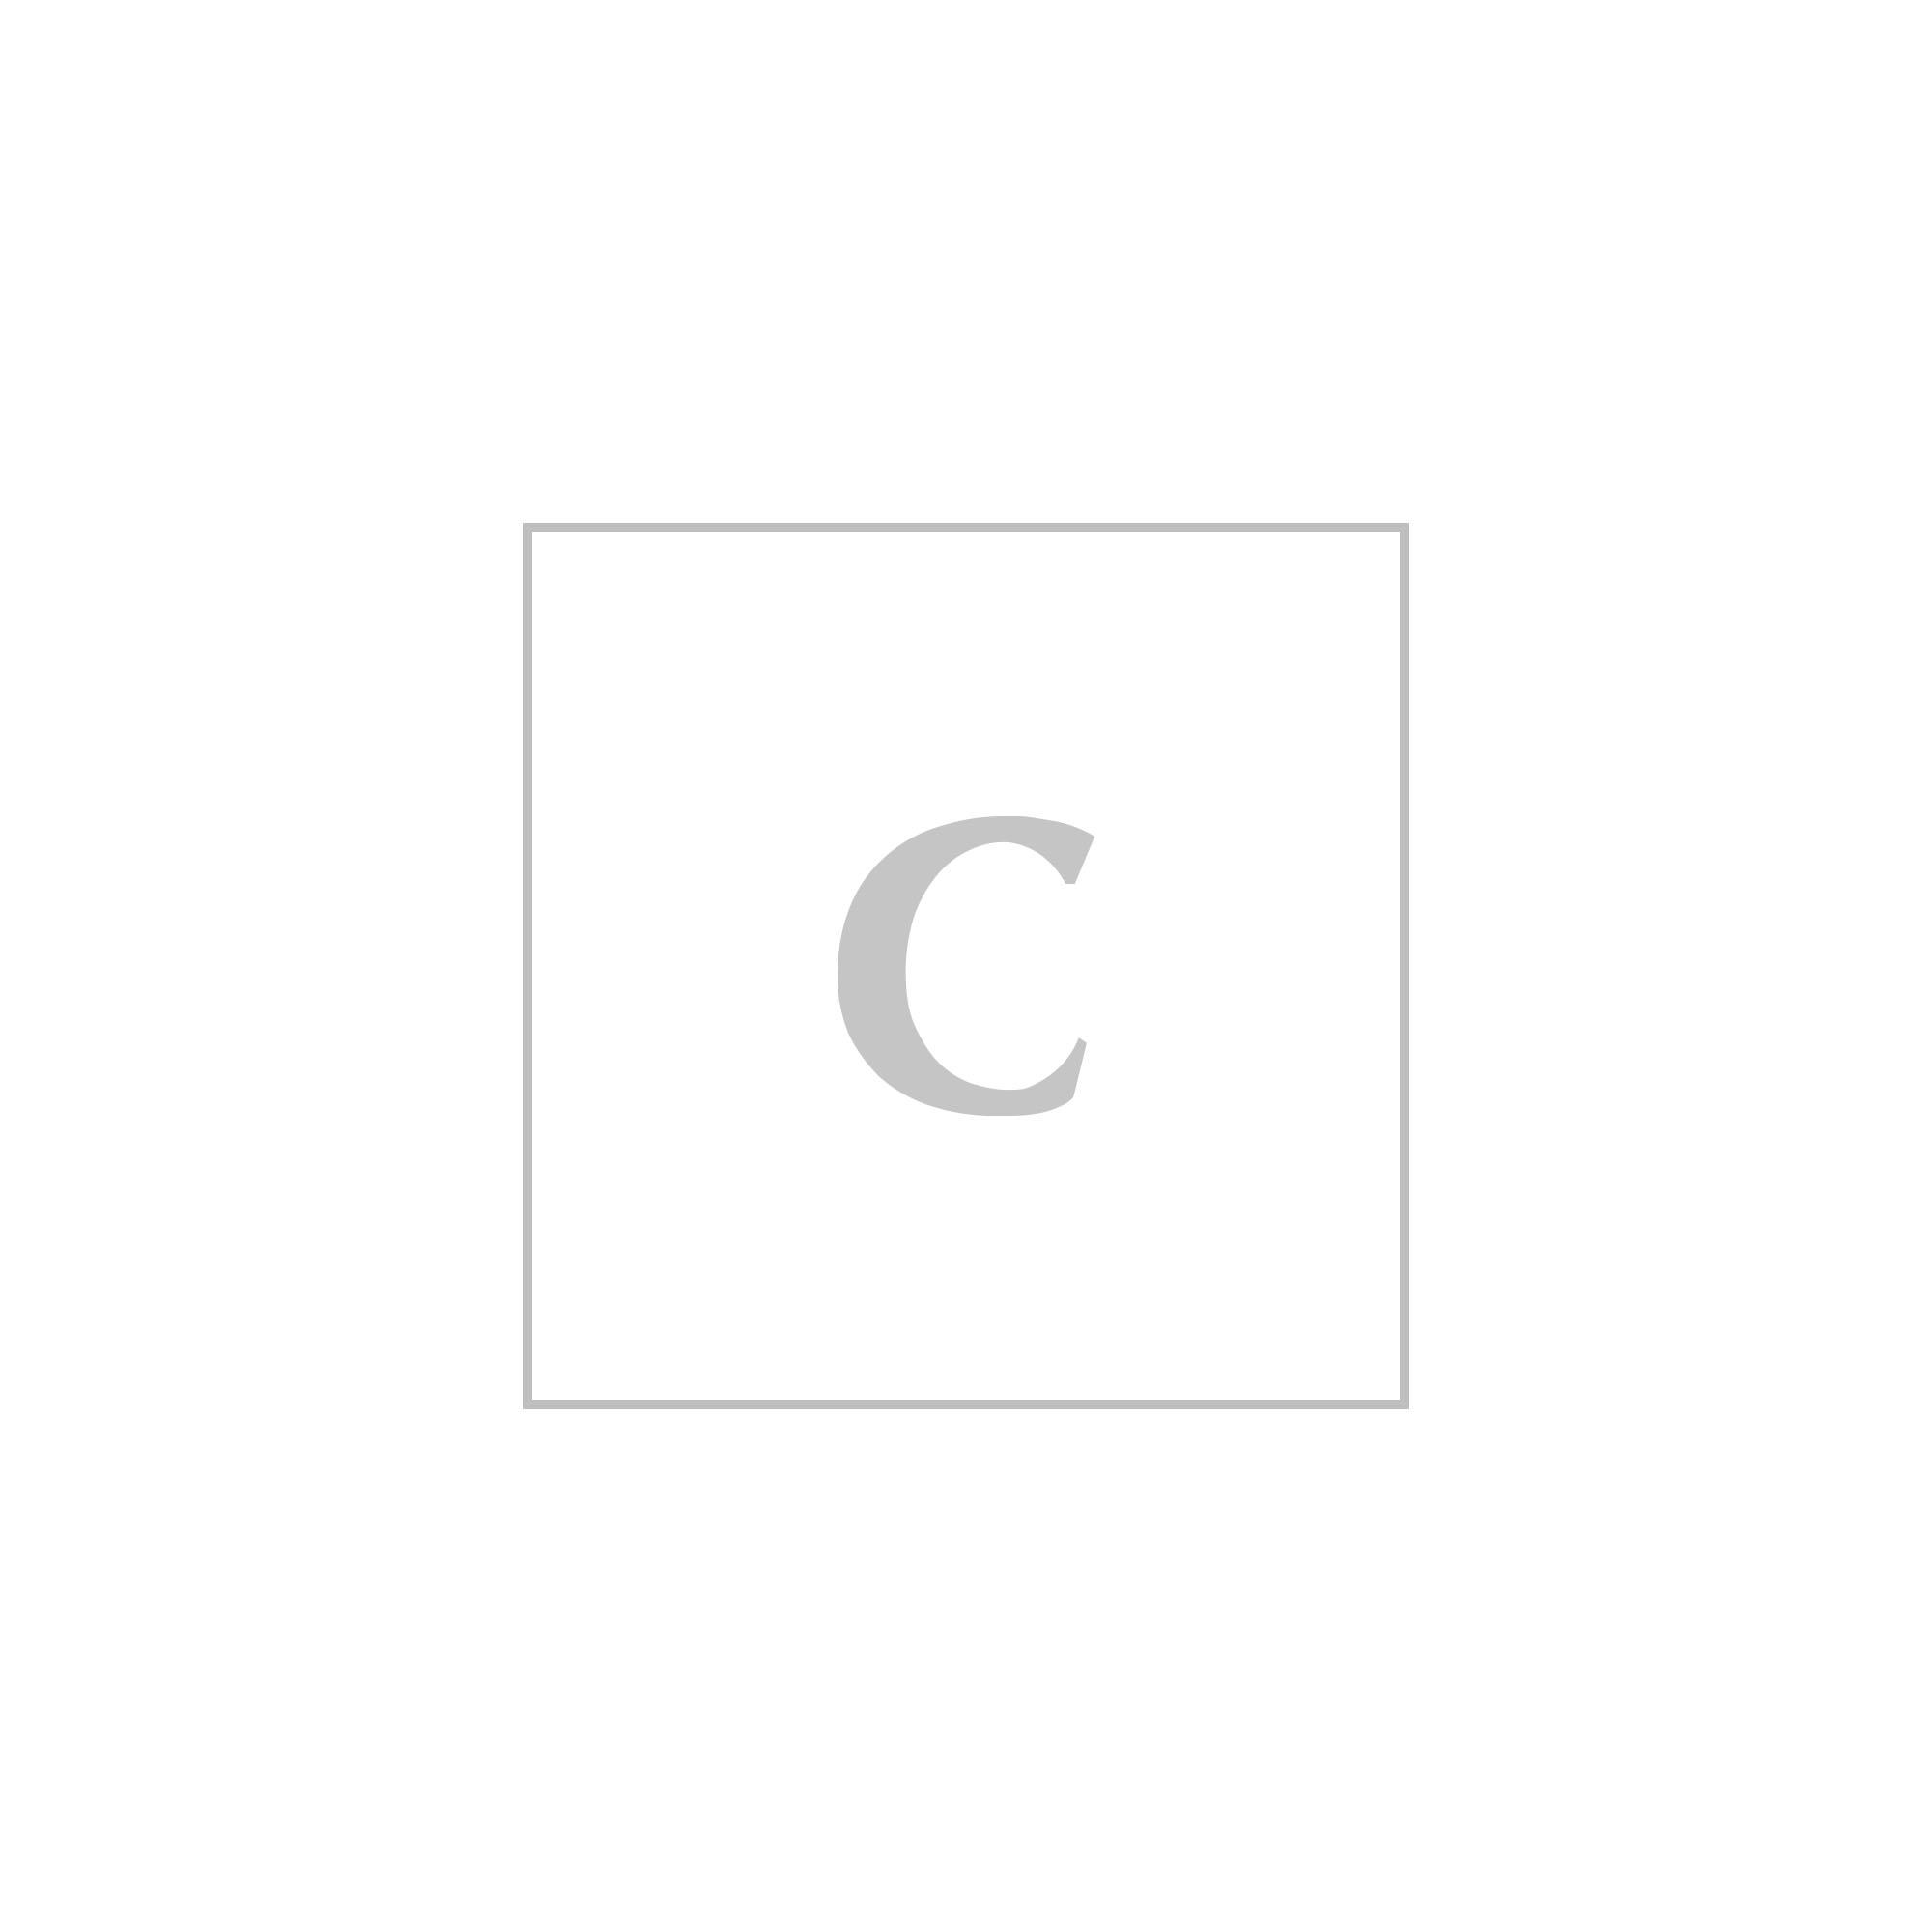 Prada calfskin chamois bag